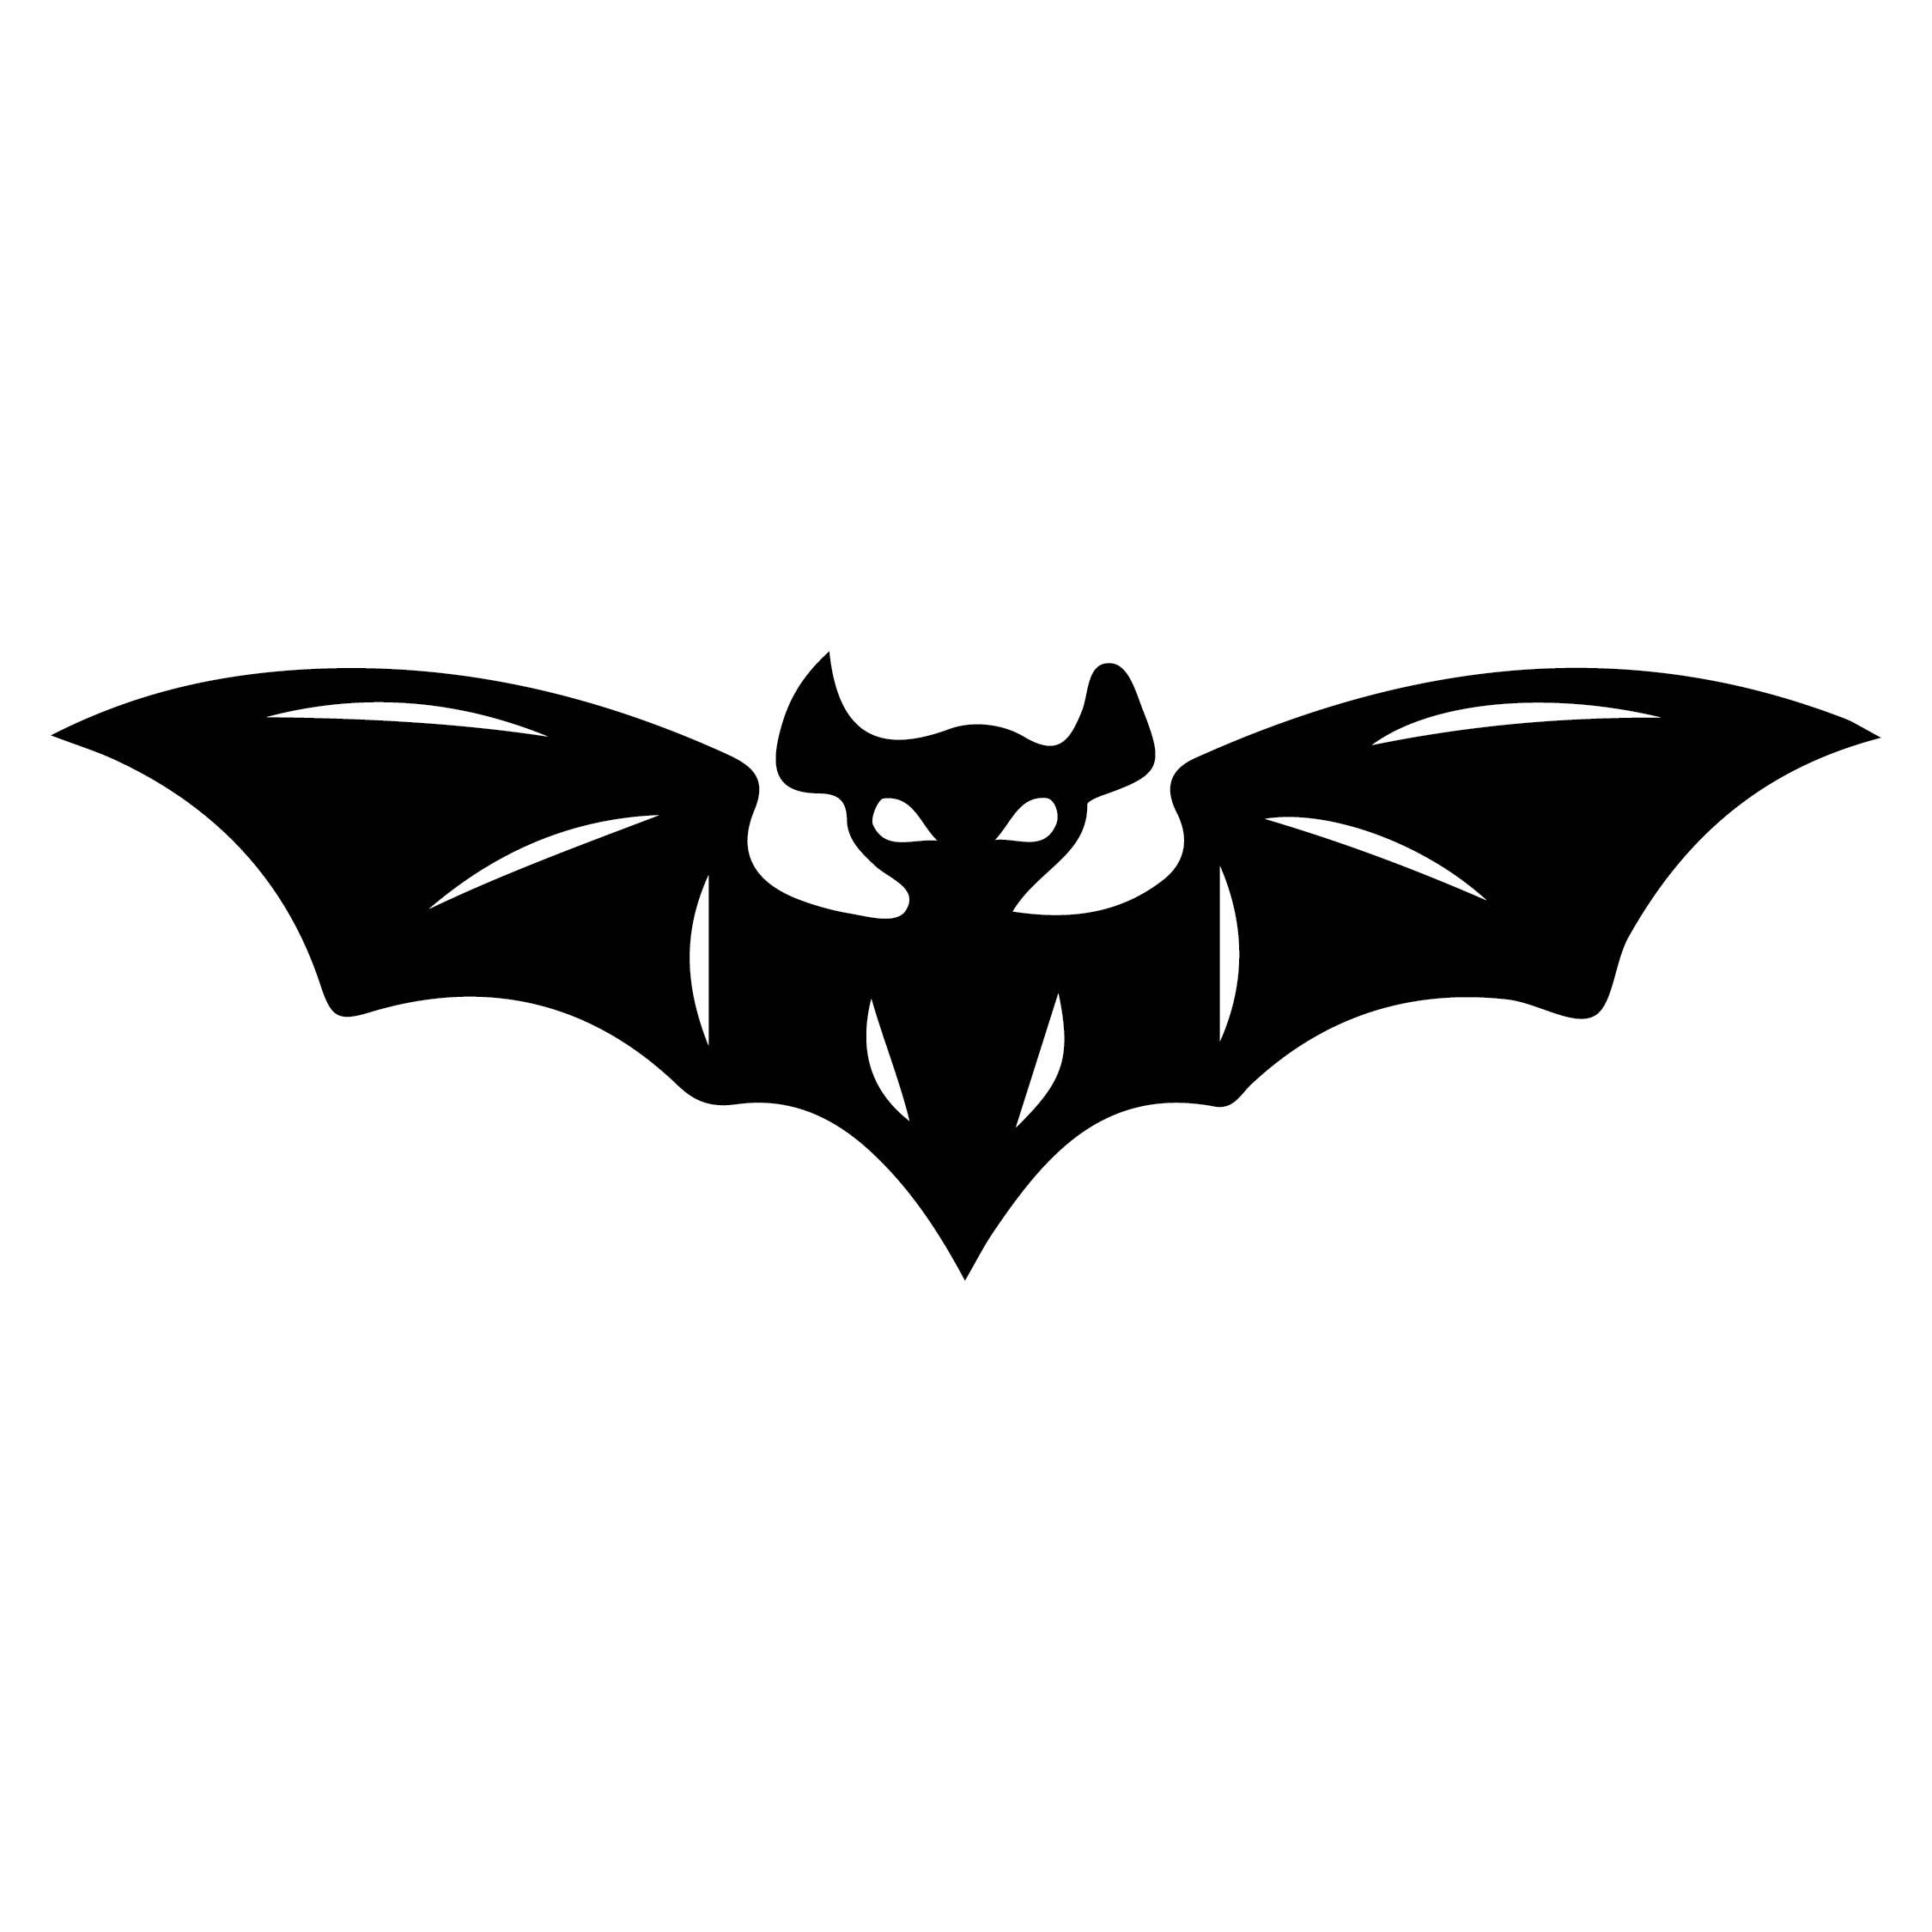 Halloween Bat Cut Out Templates